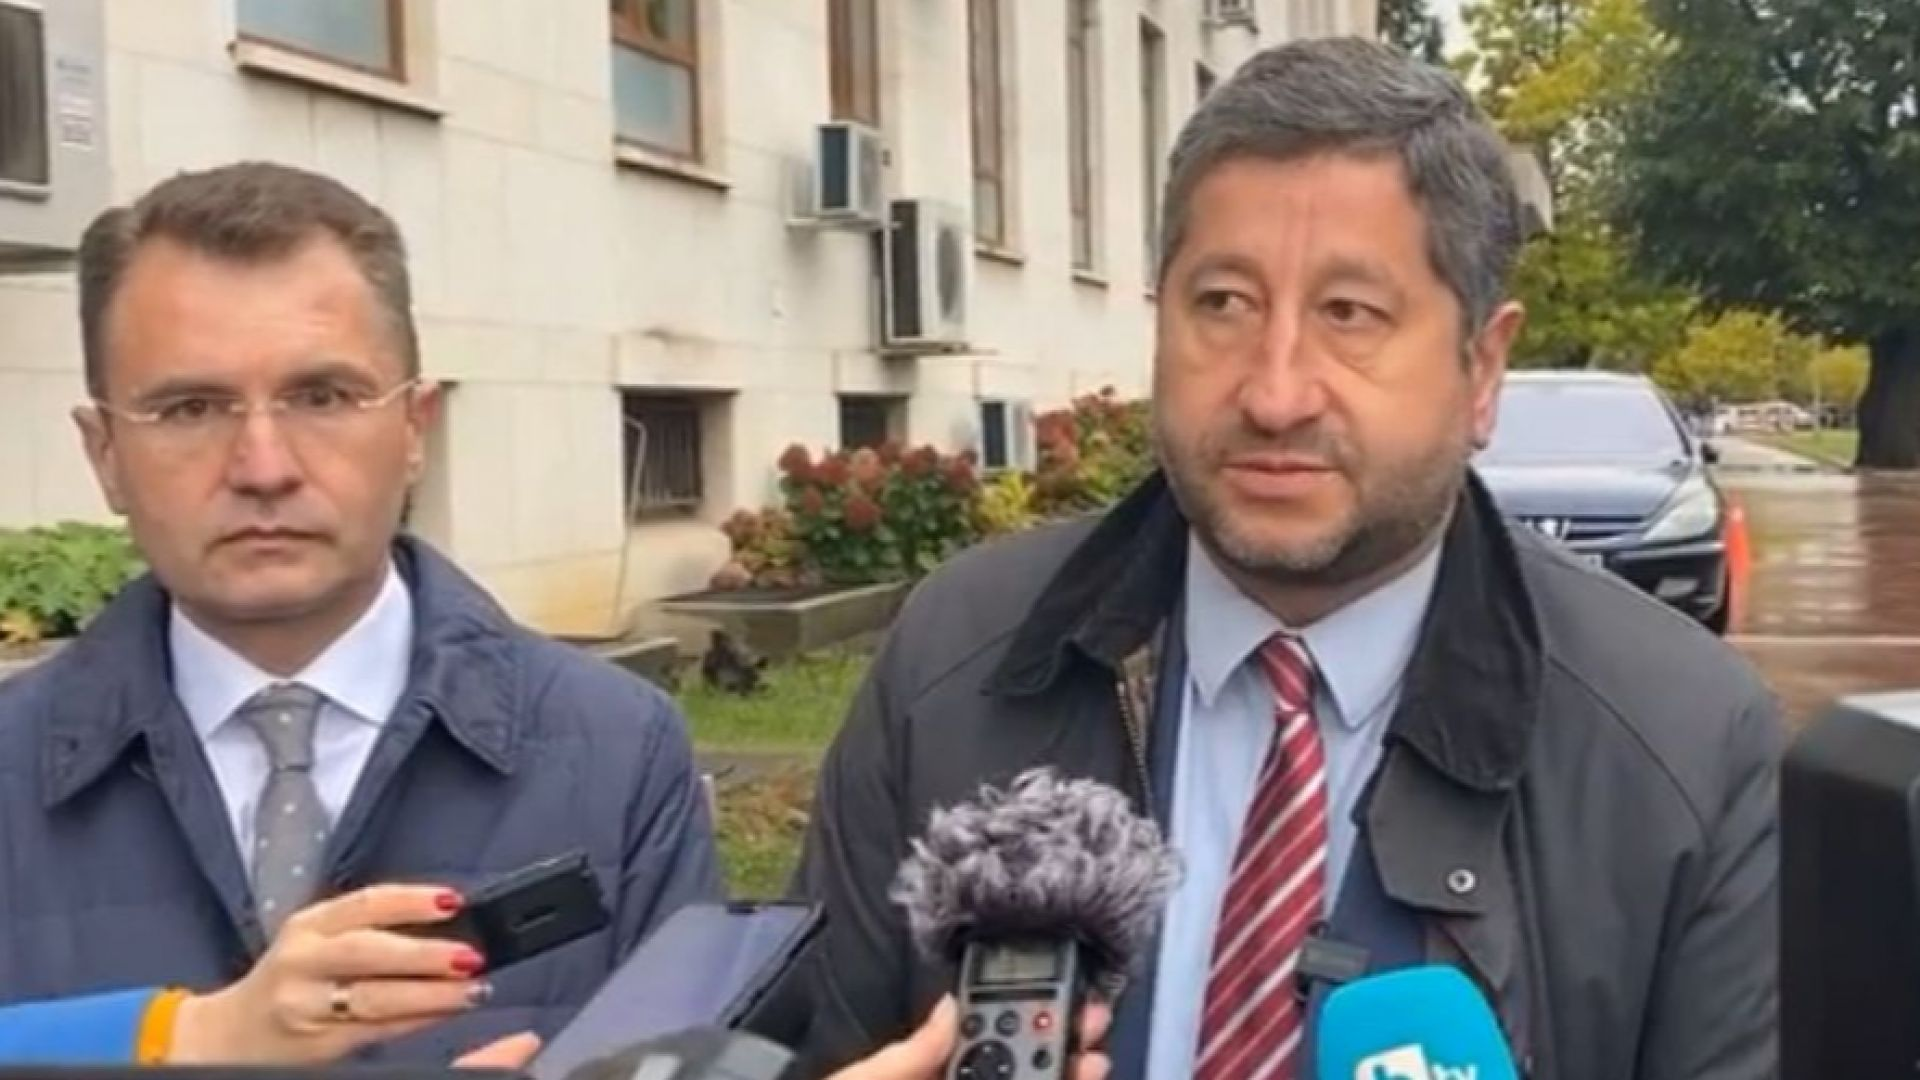 Христо Иванов: ДПС направи терористична акция срещу демокрацията (видео)